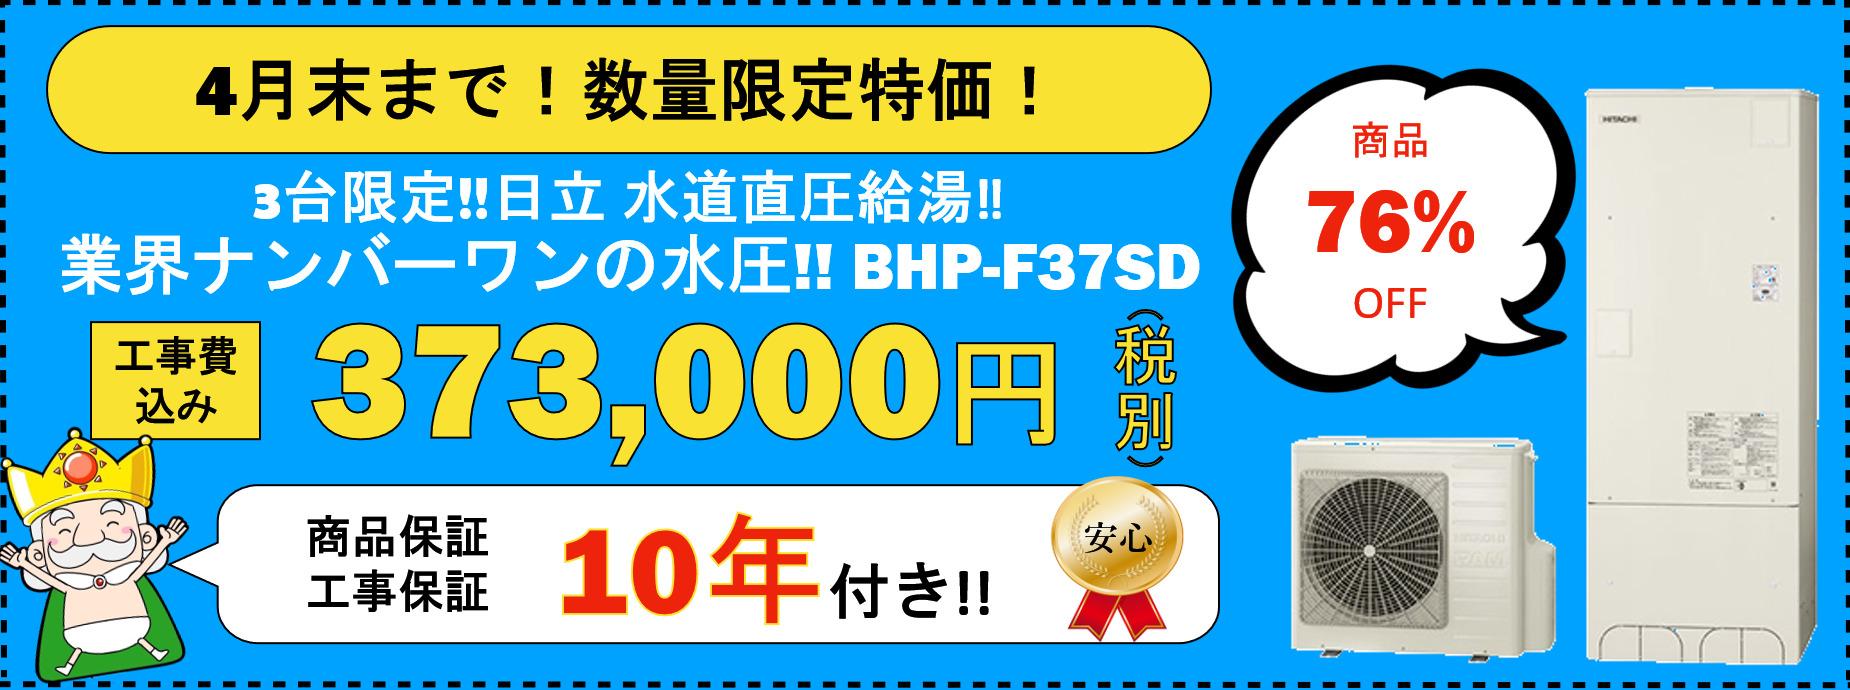 BHP-F37SD